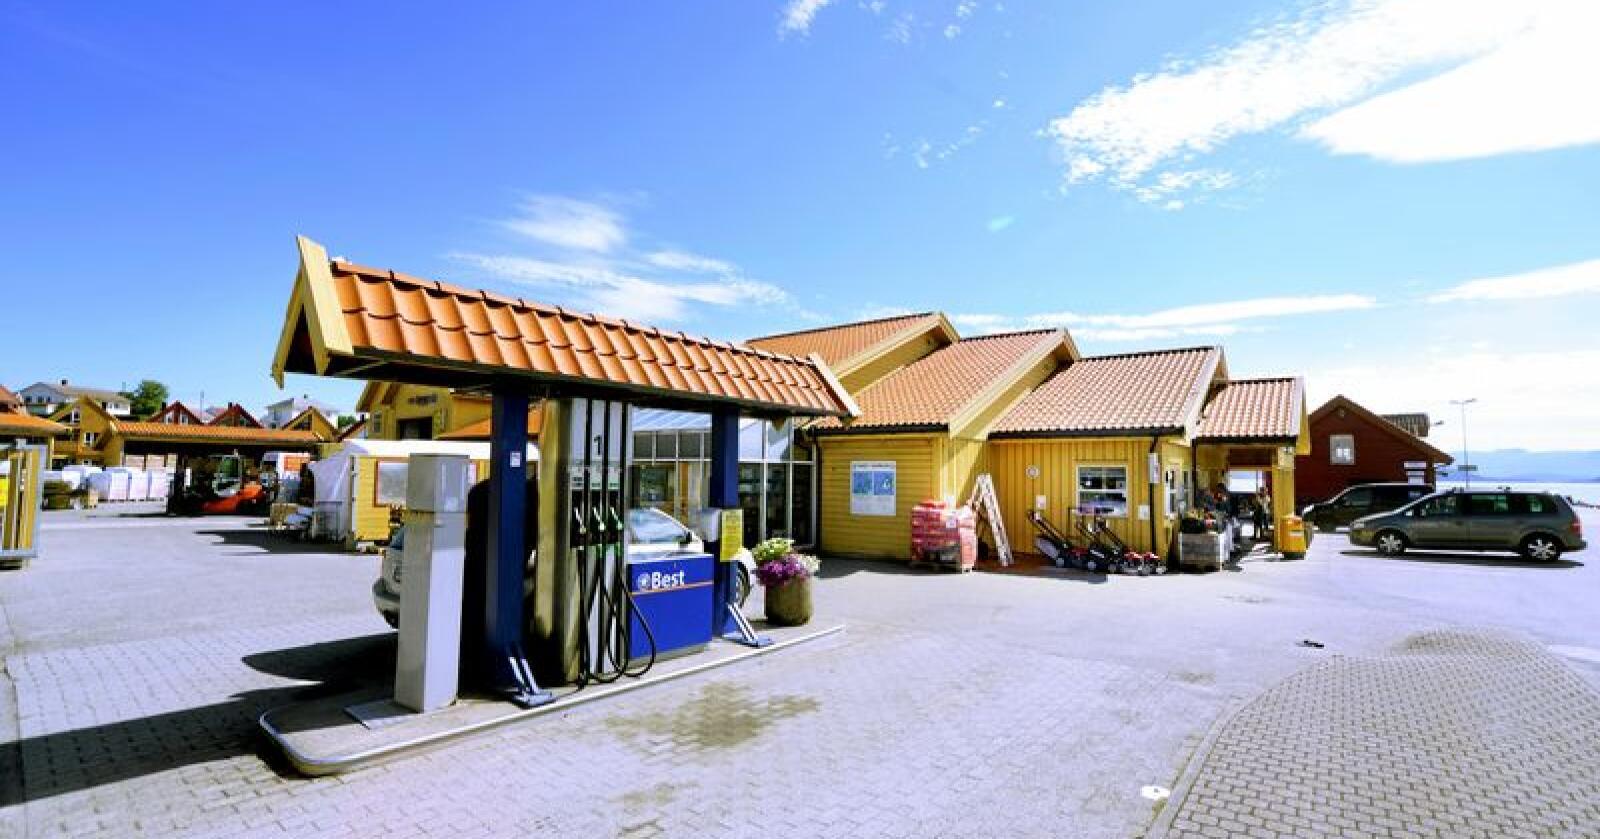 Ikke øl: Dagligvaresalg på bensinstasjon bør ikke inkludere alkohol. Foto: Siri Juell Rasmussen